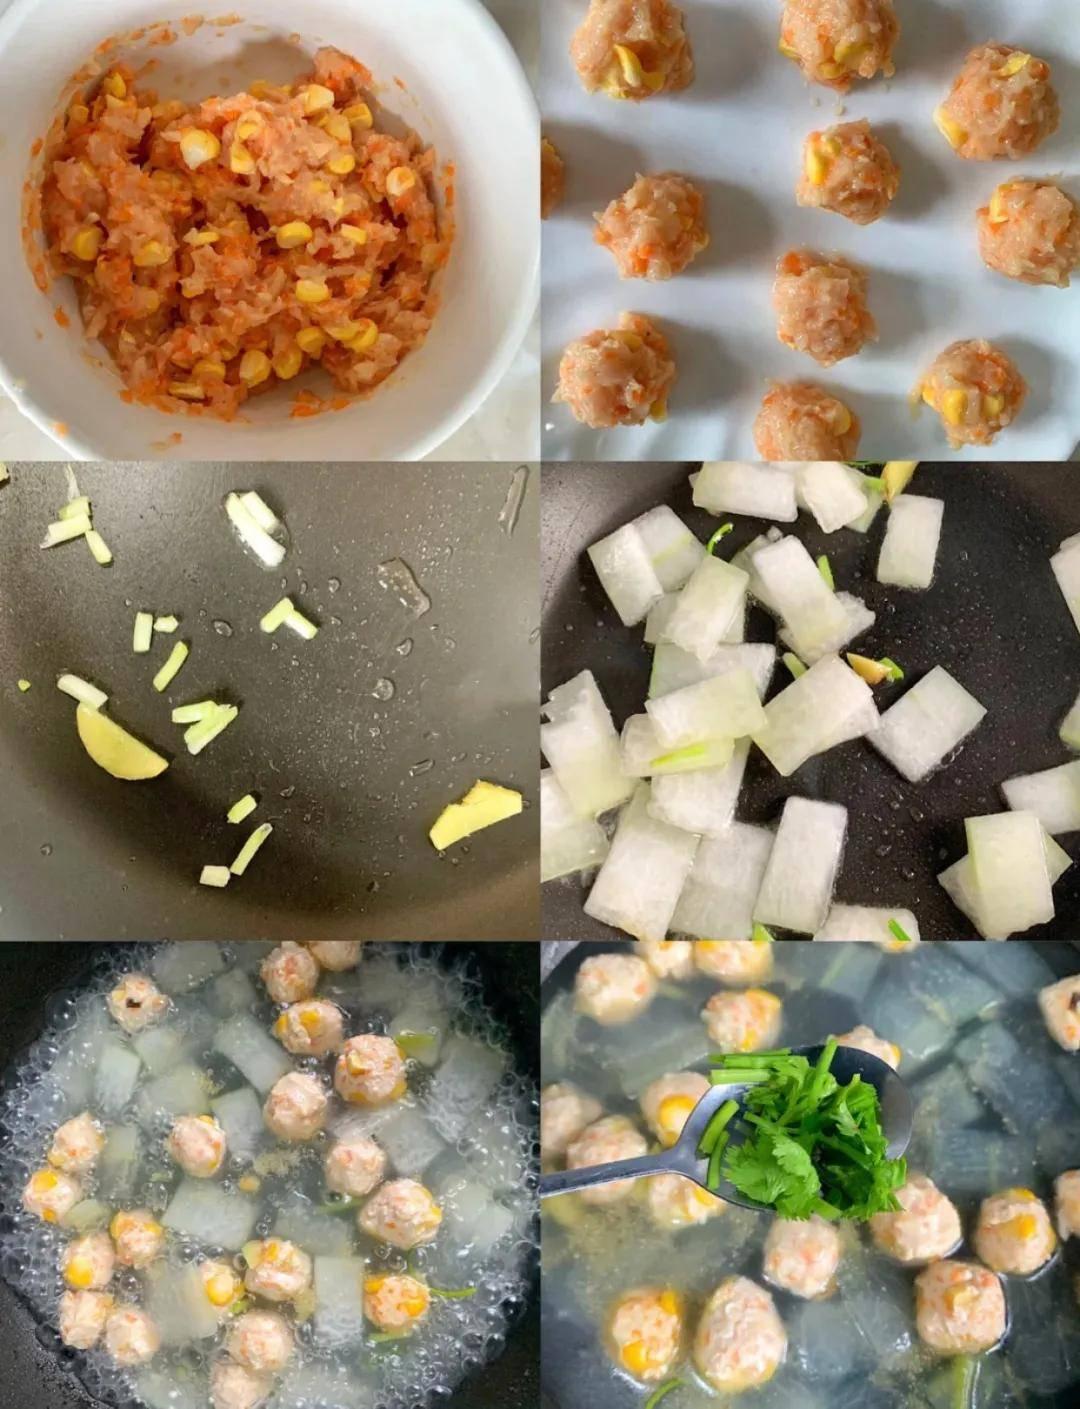 倩狐减肥教你这四款靠谱的鸡胸肉做法,让你的减脂餐不再单调!